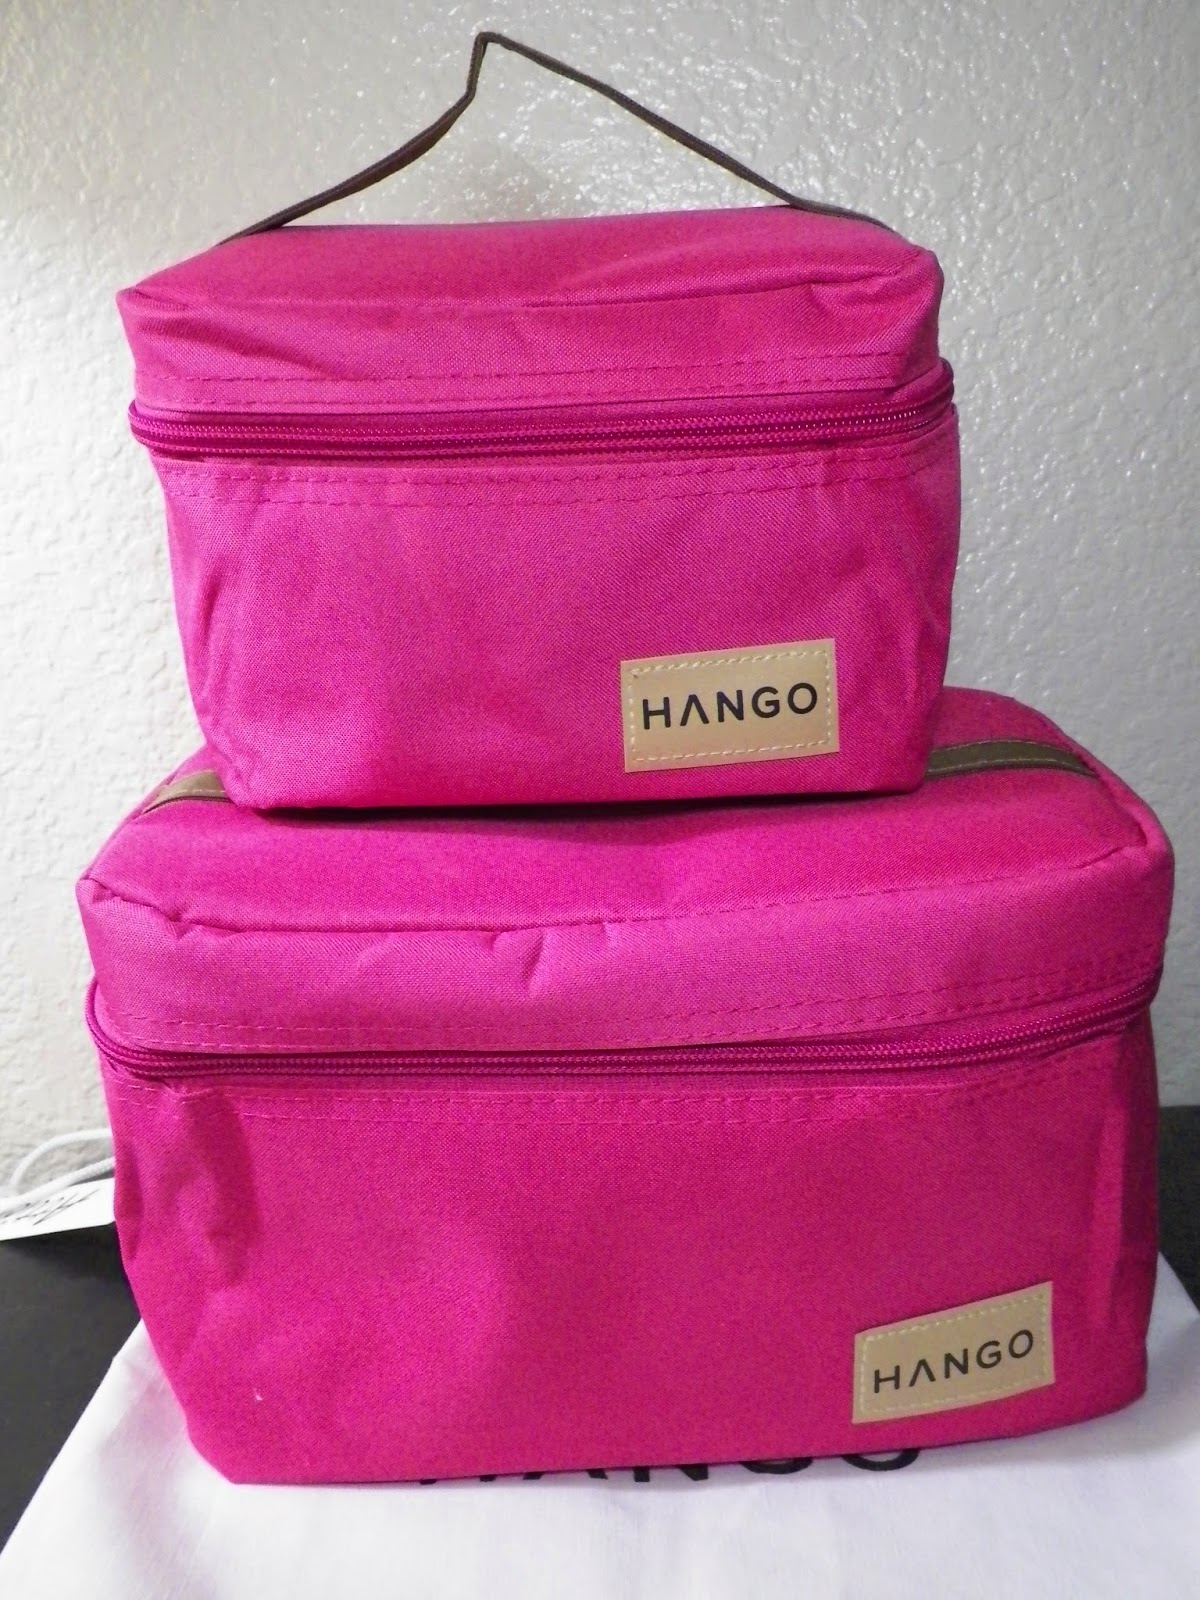 HangoLunchBags.jpg